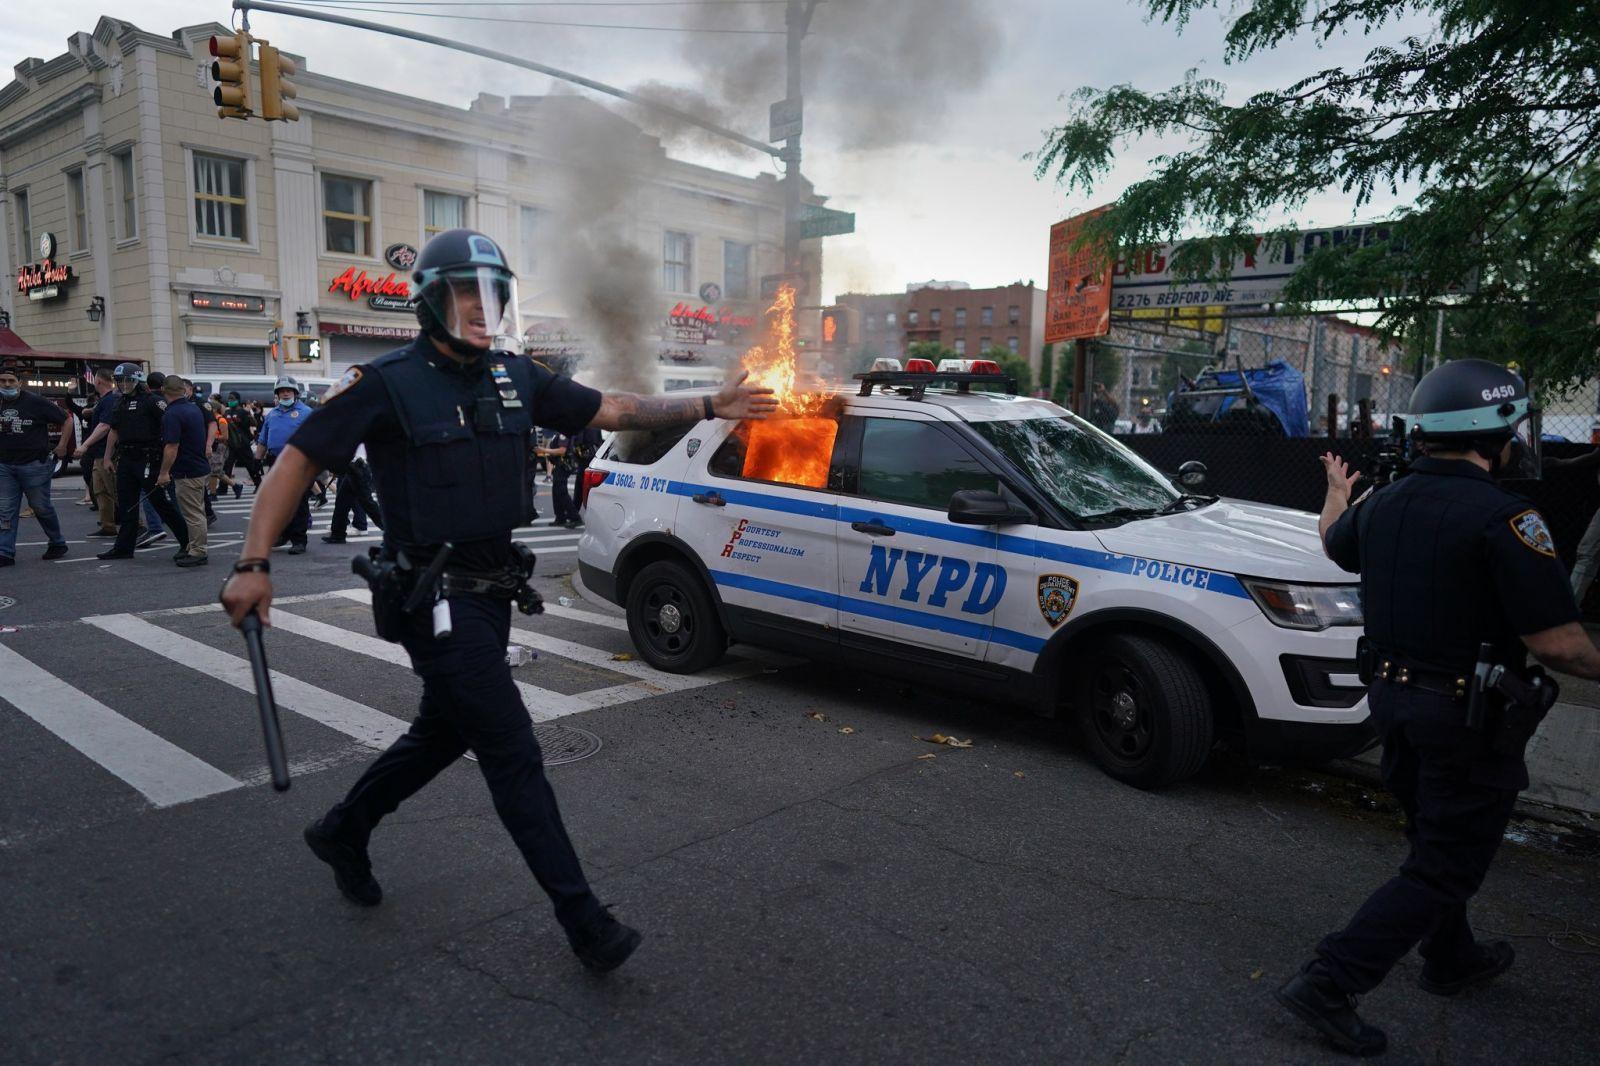 Америка в огне: в США продолжаются протесты, Трамп теряет поддержку и гр...